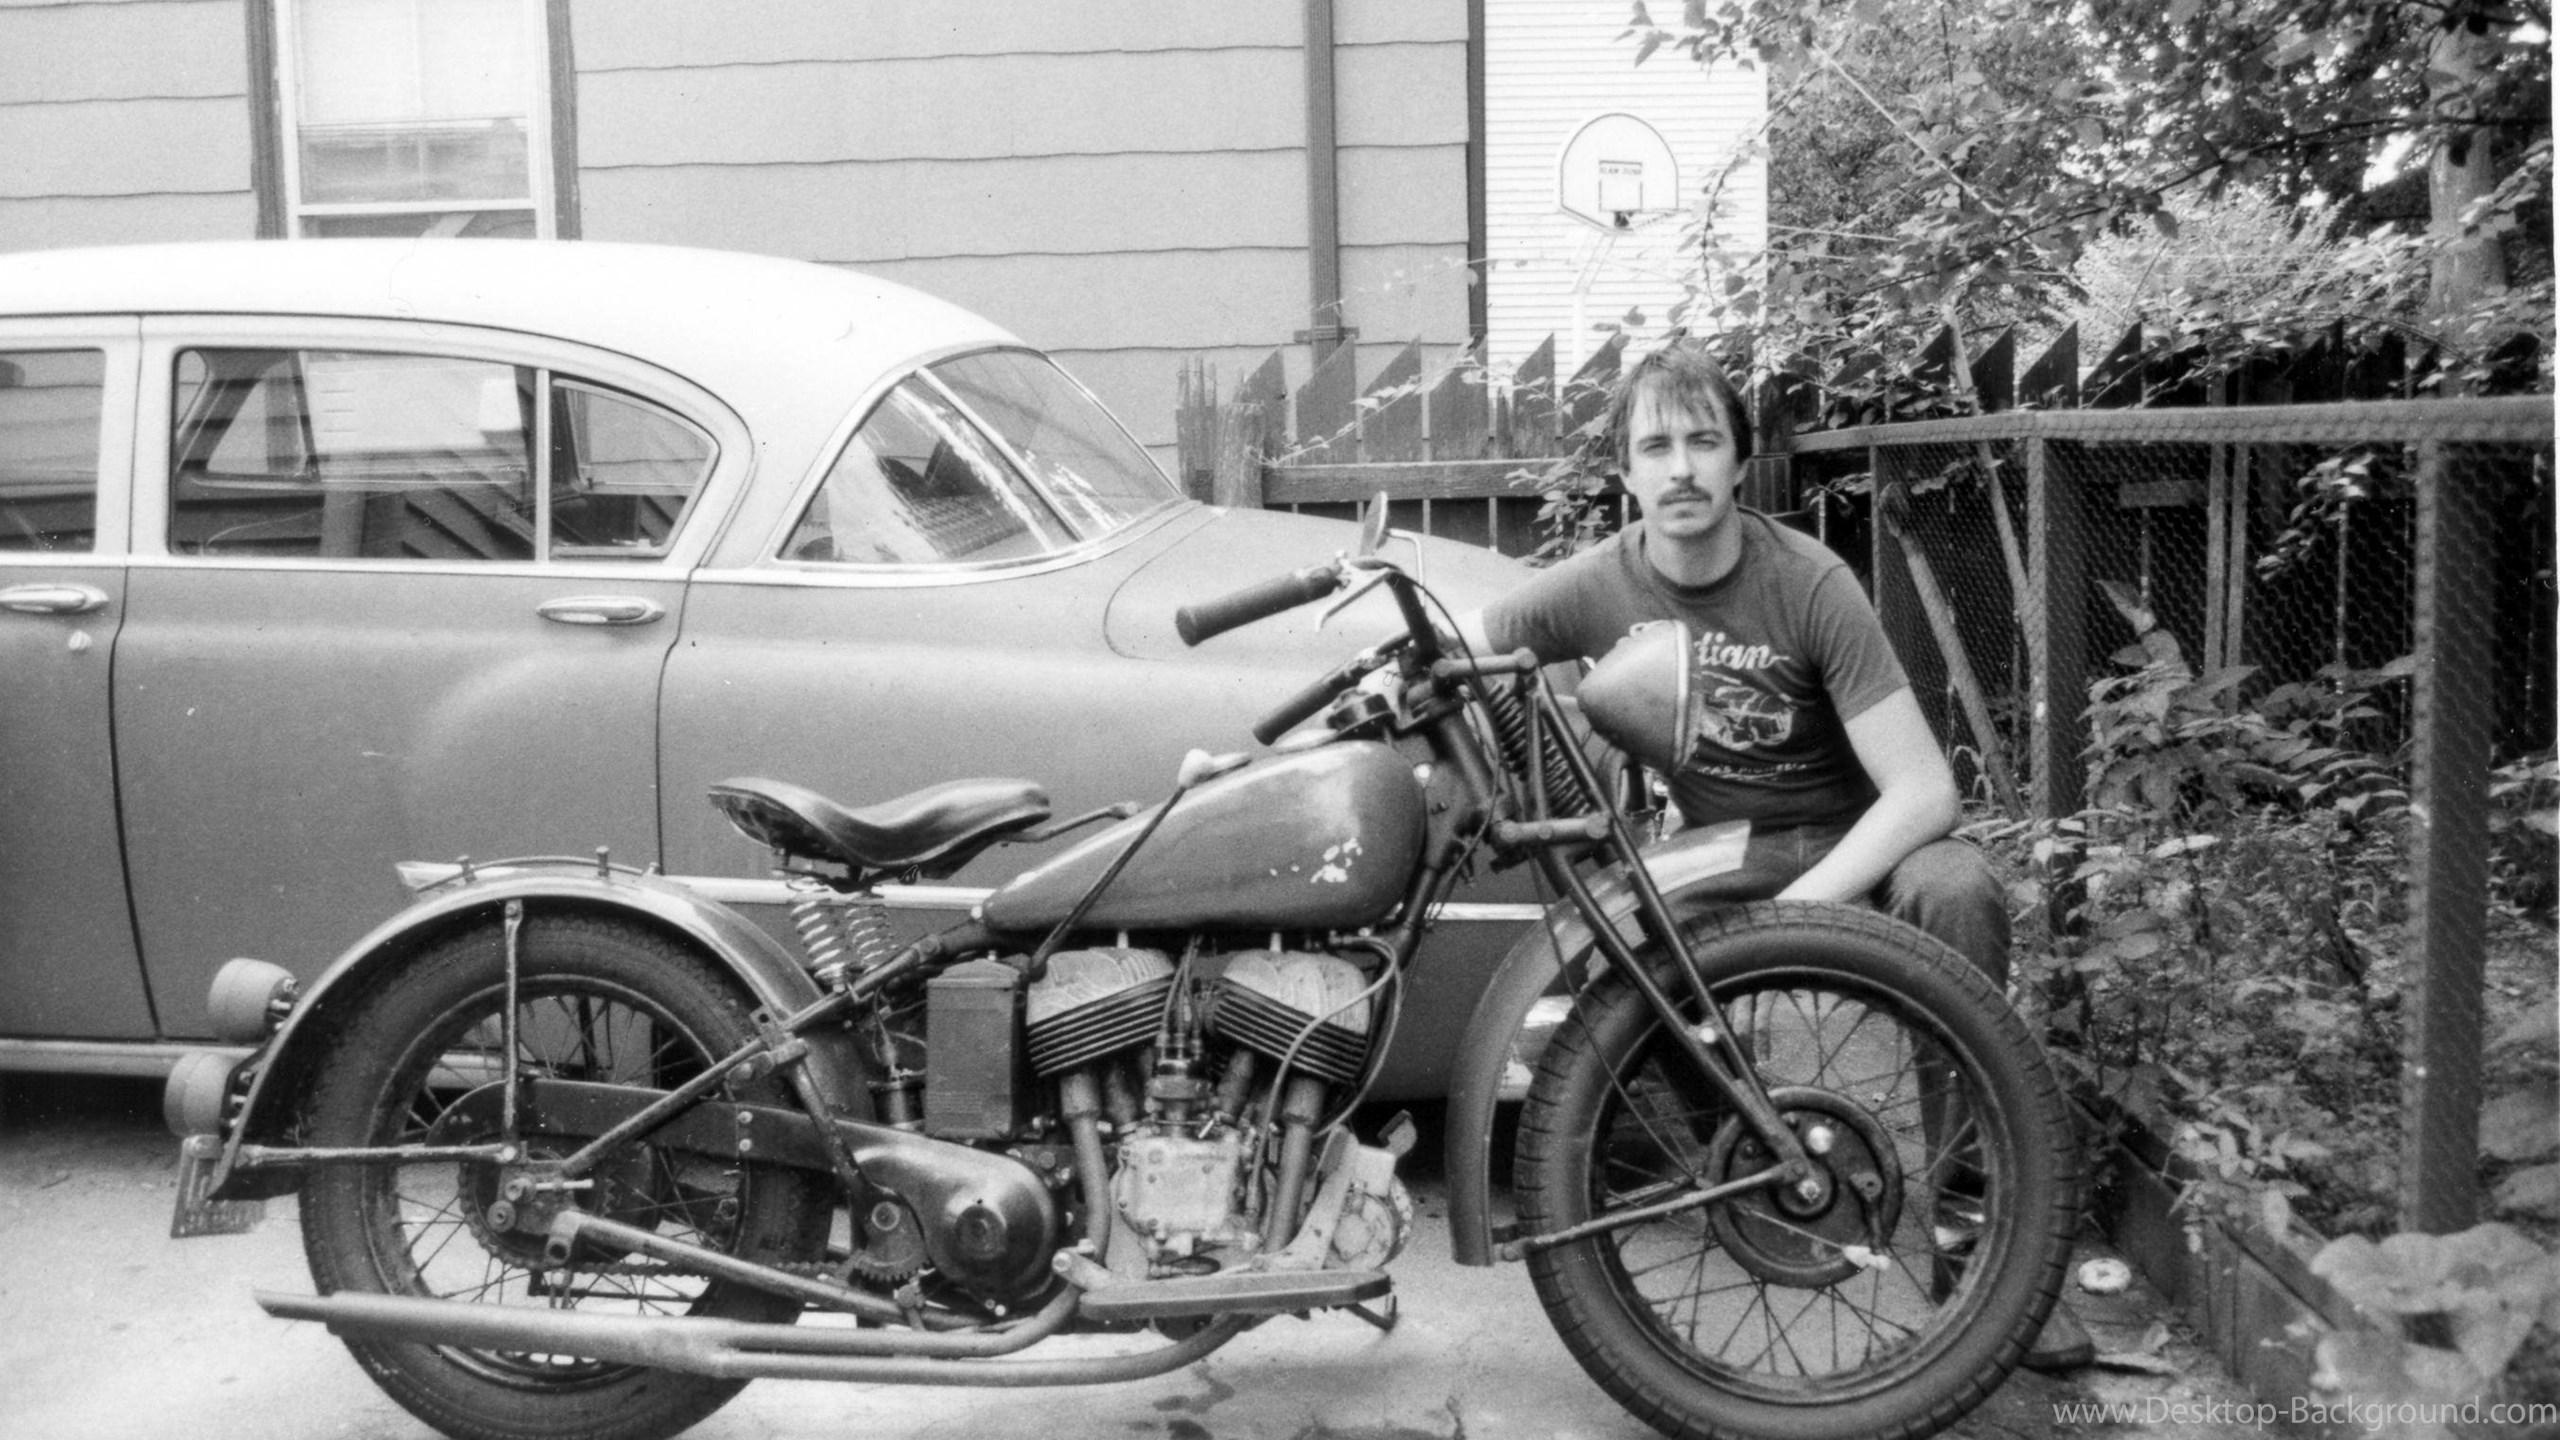 Res: 2560x1440, vintage motorcycle ...